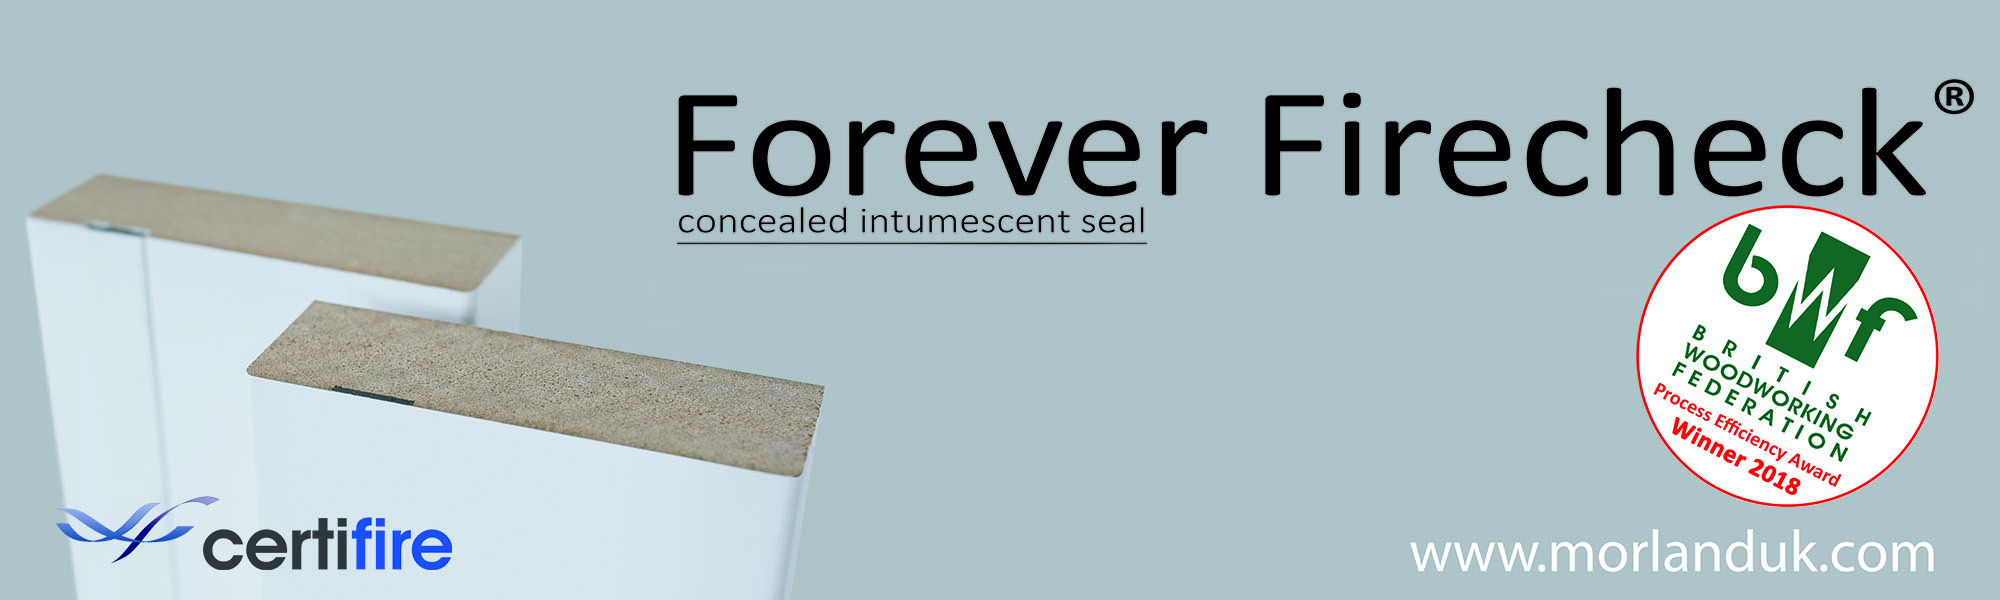 Forever Firecheck®